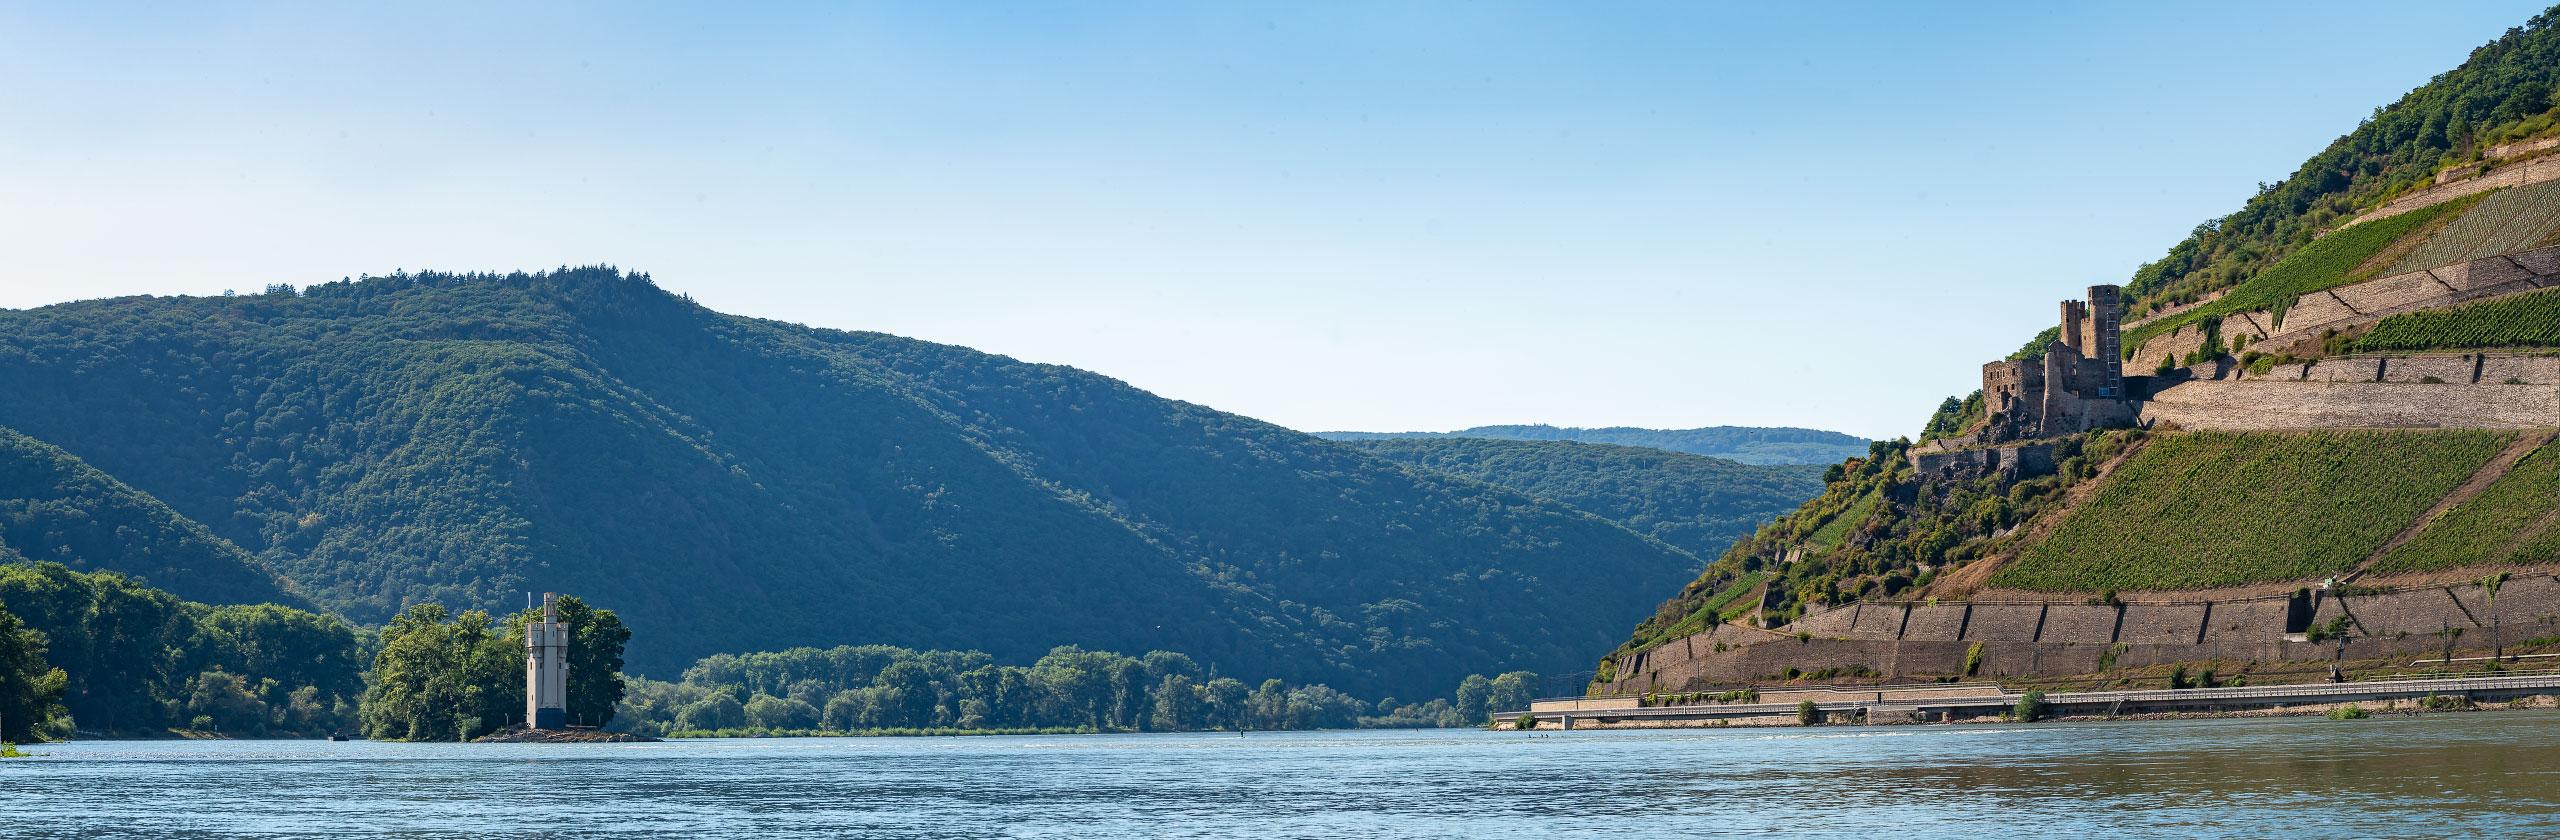 Bingen-Rheintal